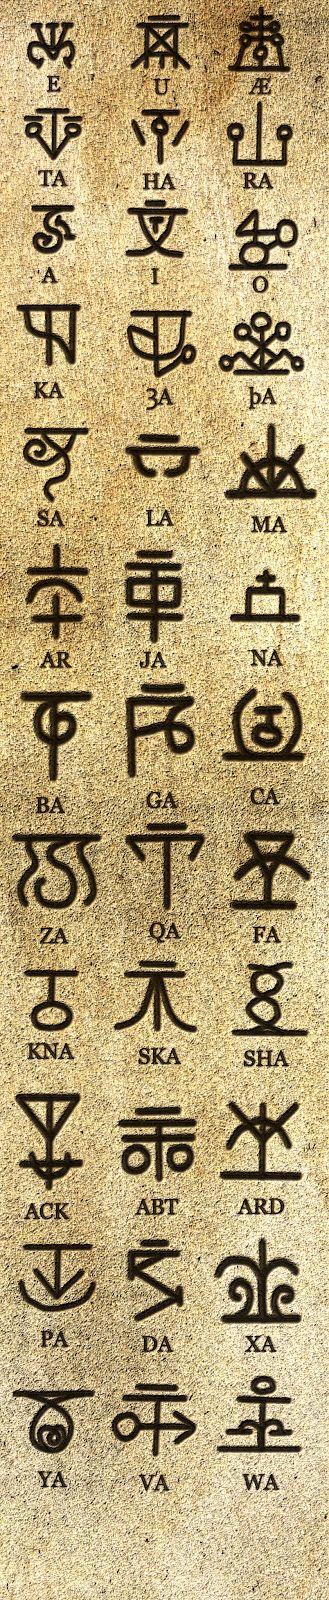 The Ravens Of Antimony Wolf Of Antimony's alphabet of desire